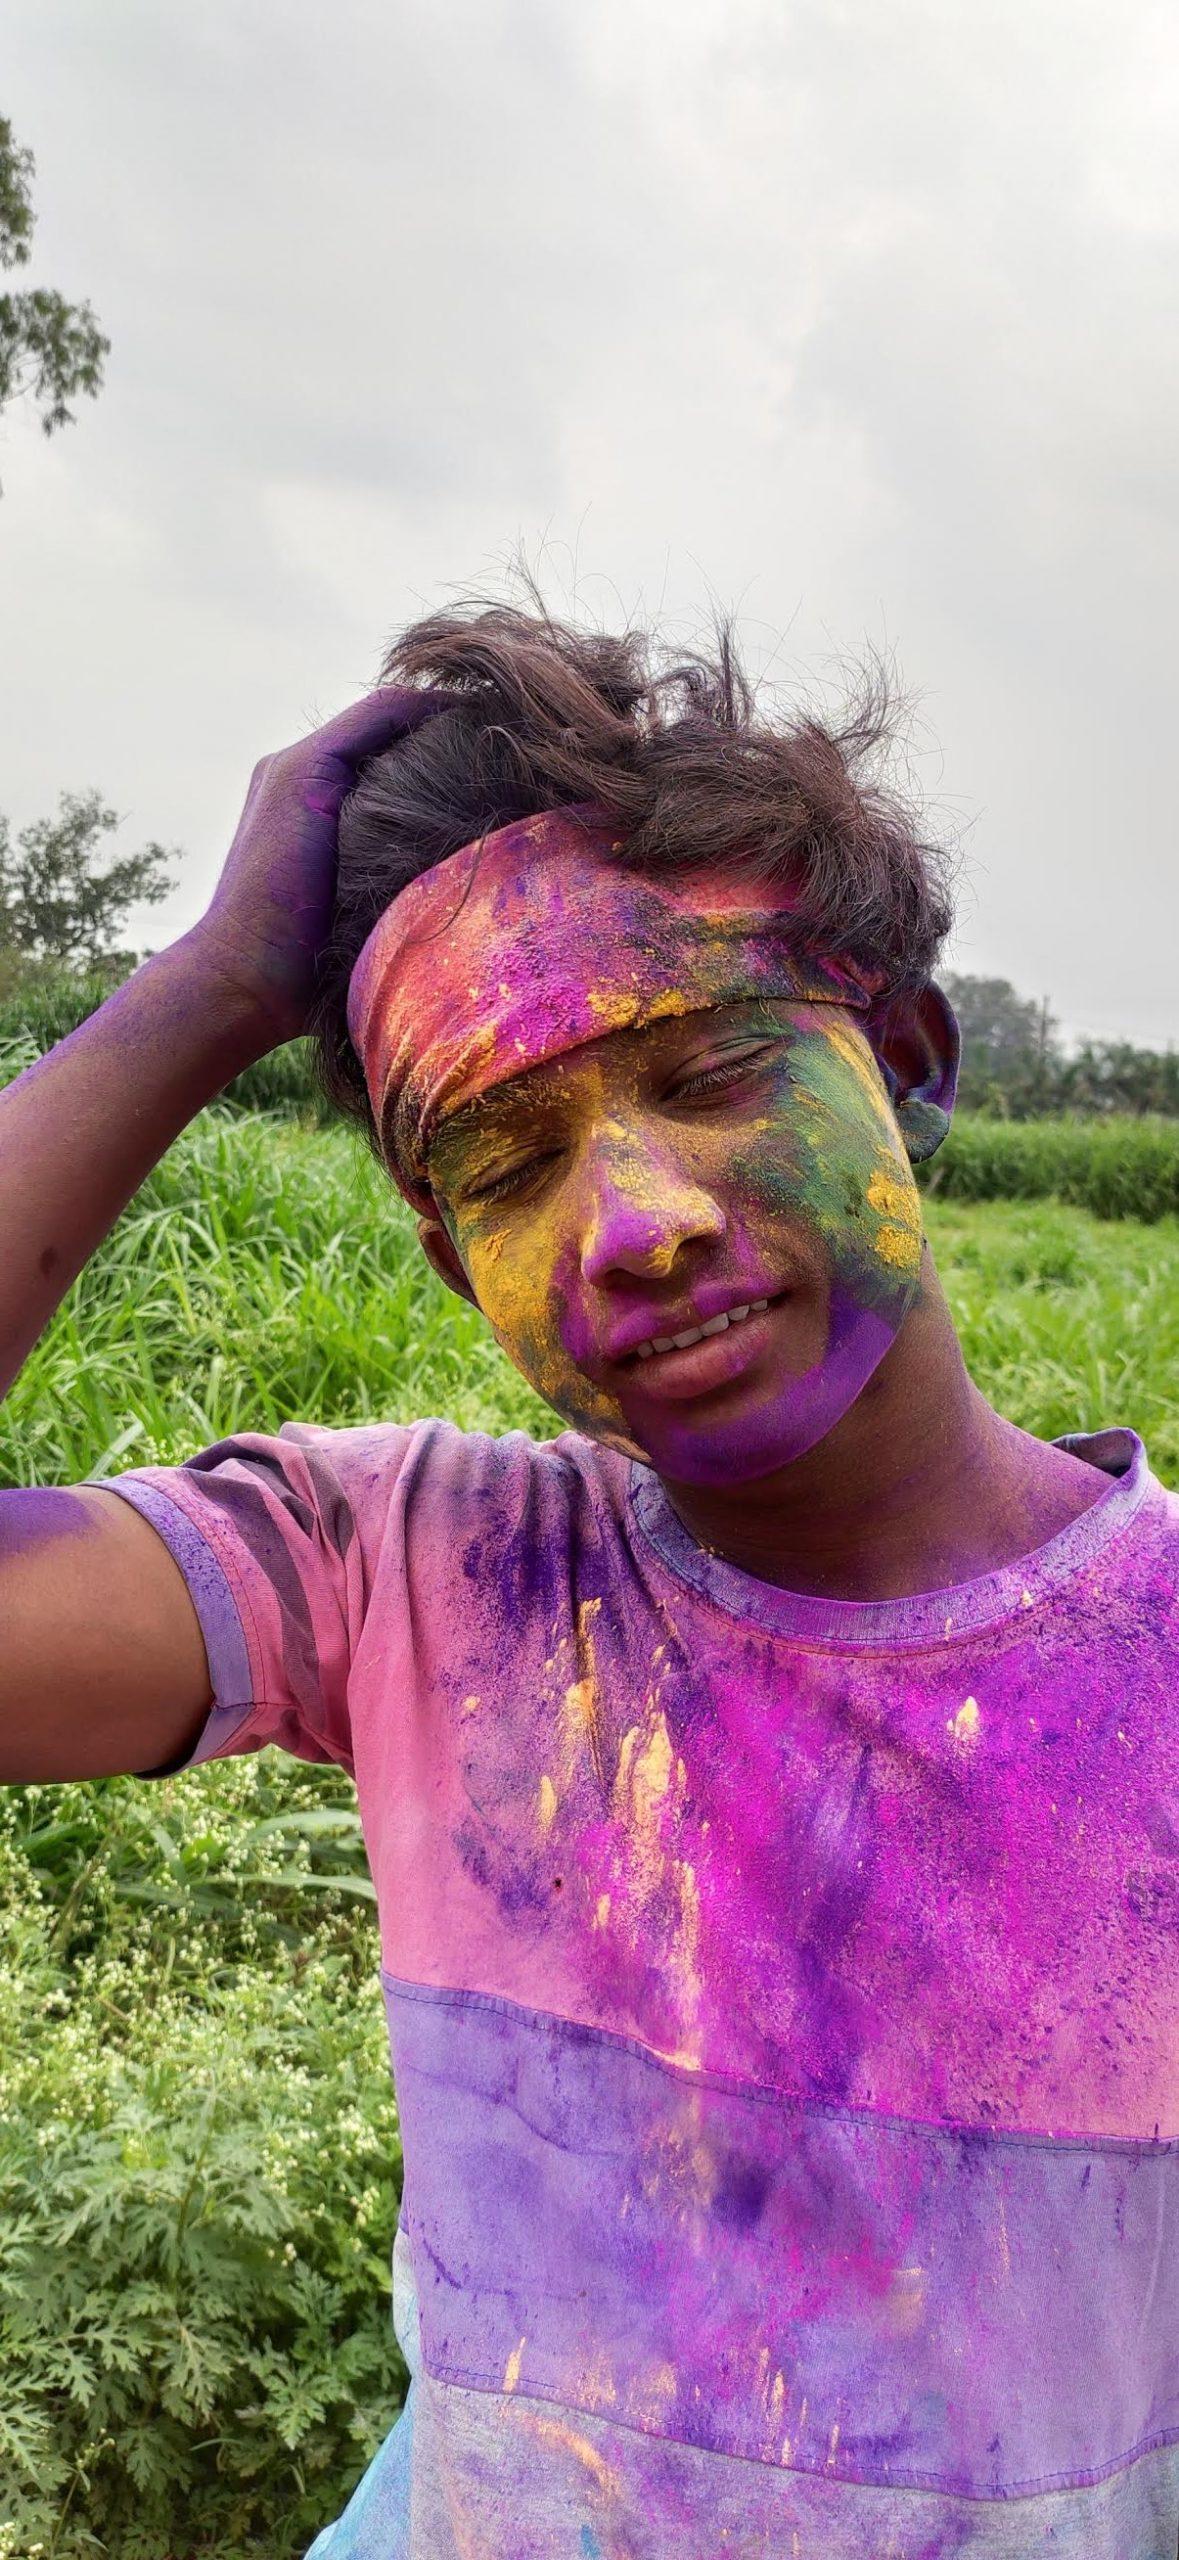 A boy during Holi festival